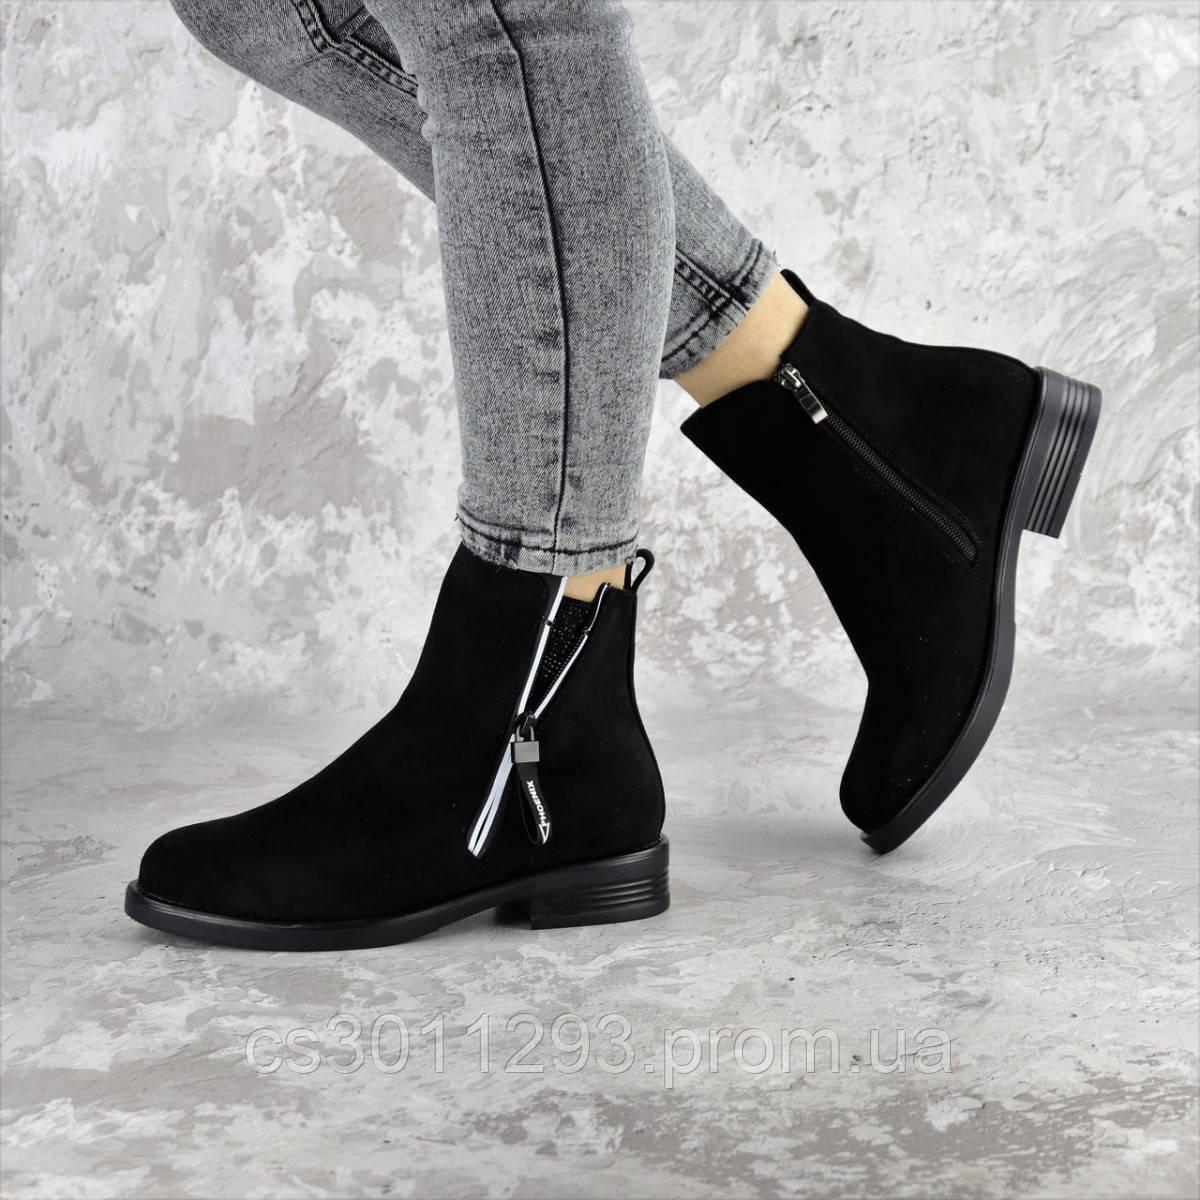 Ботинки женские Fashion Mortimer 2375 36 размер 23,5 см Черный